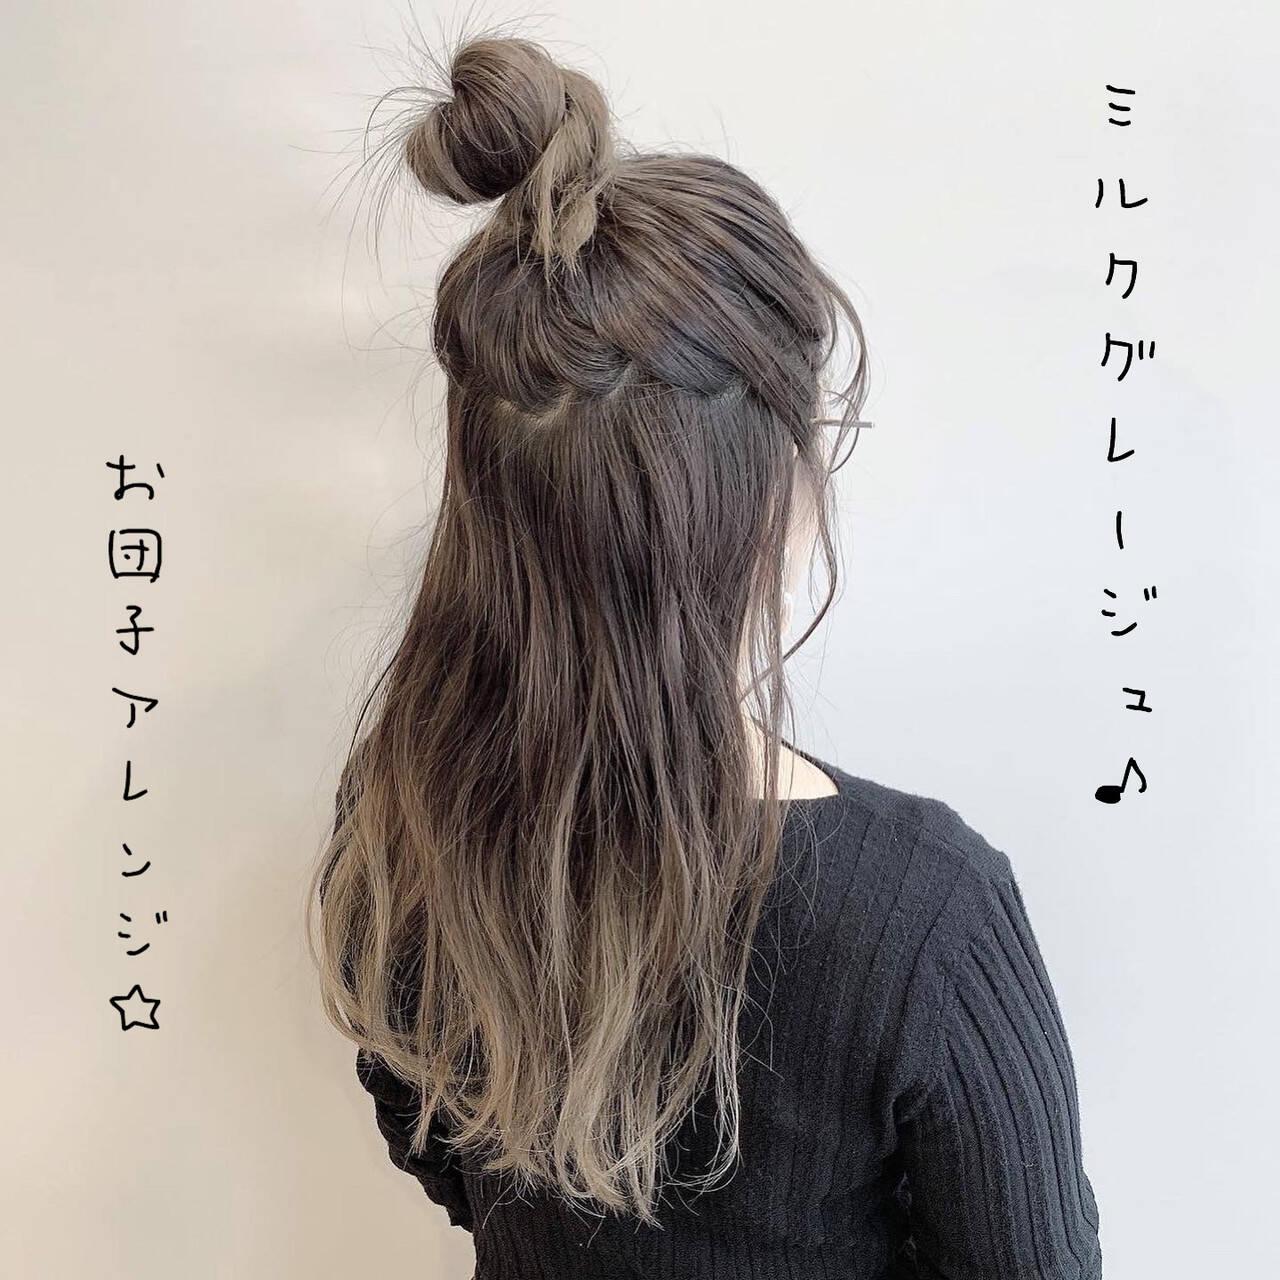 ロング バレイヤージュ お団子アレンジ ガーリーヘアスタイルや髪型の写真・画像